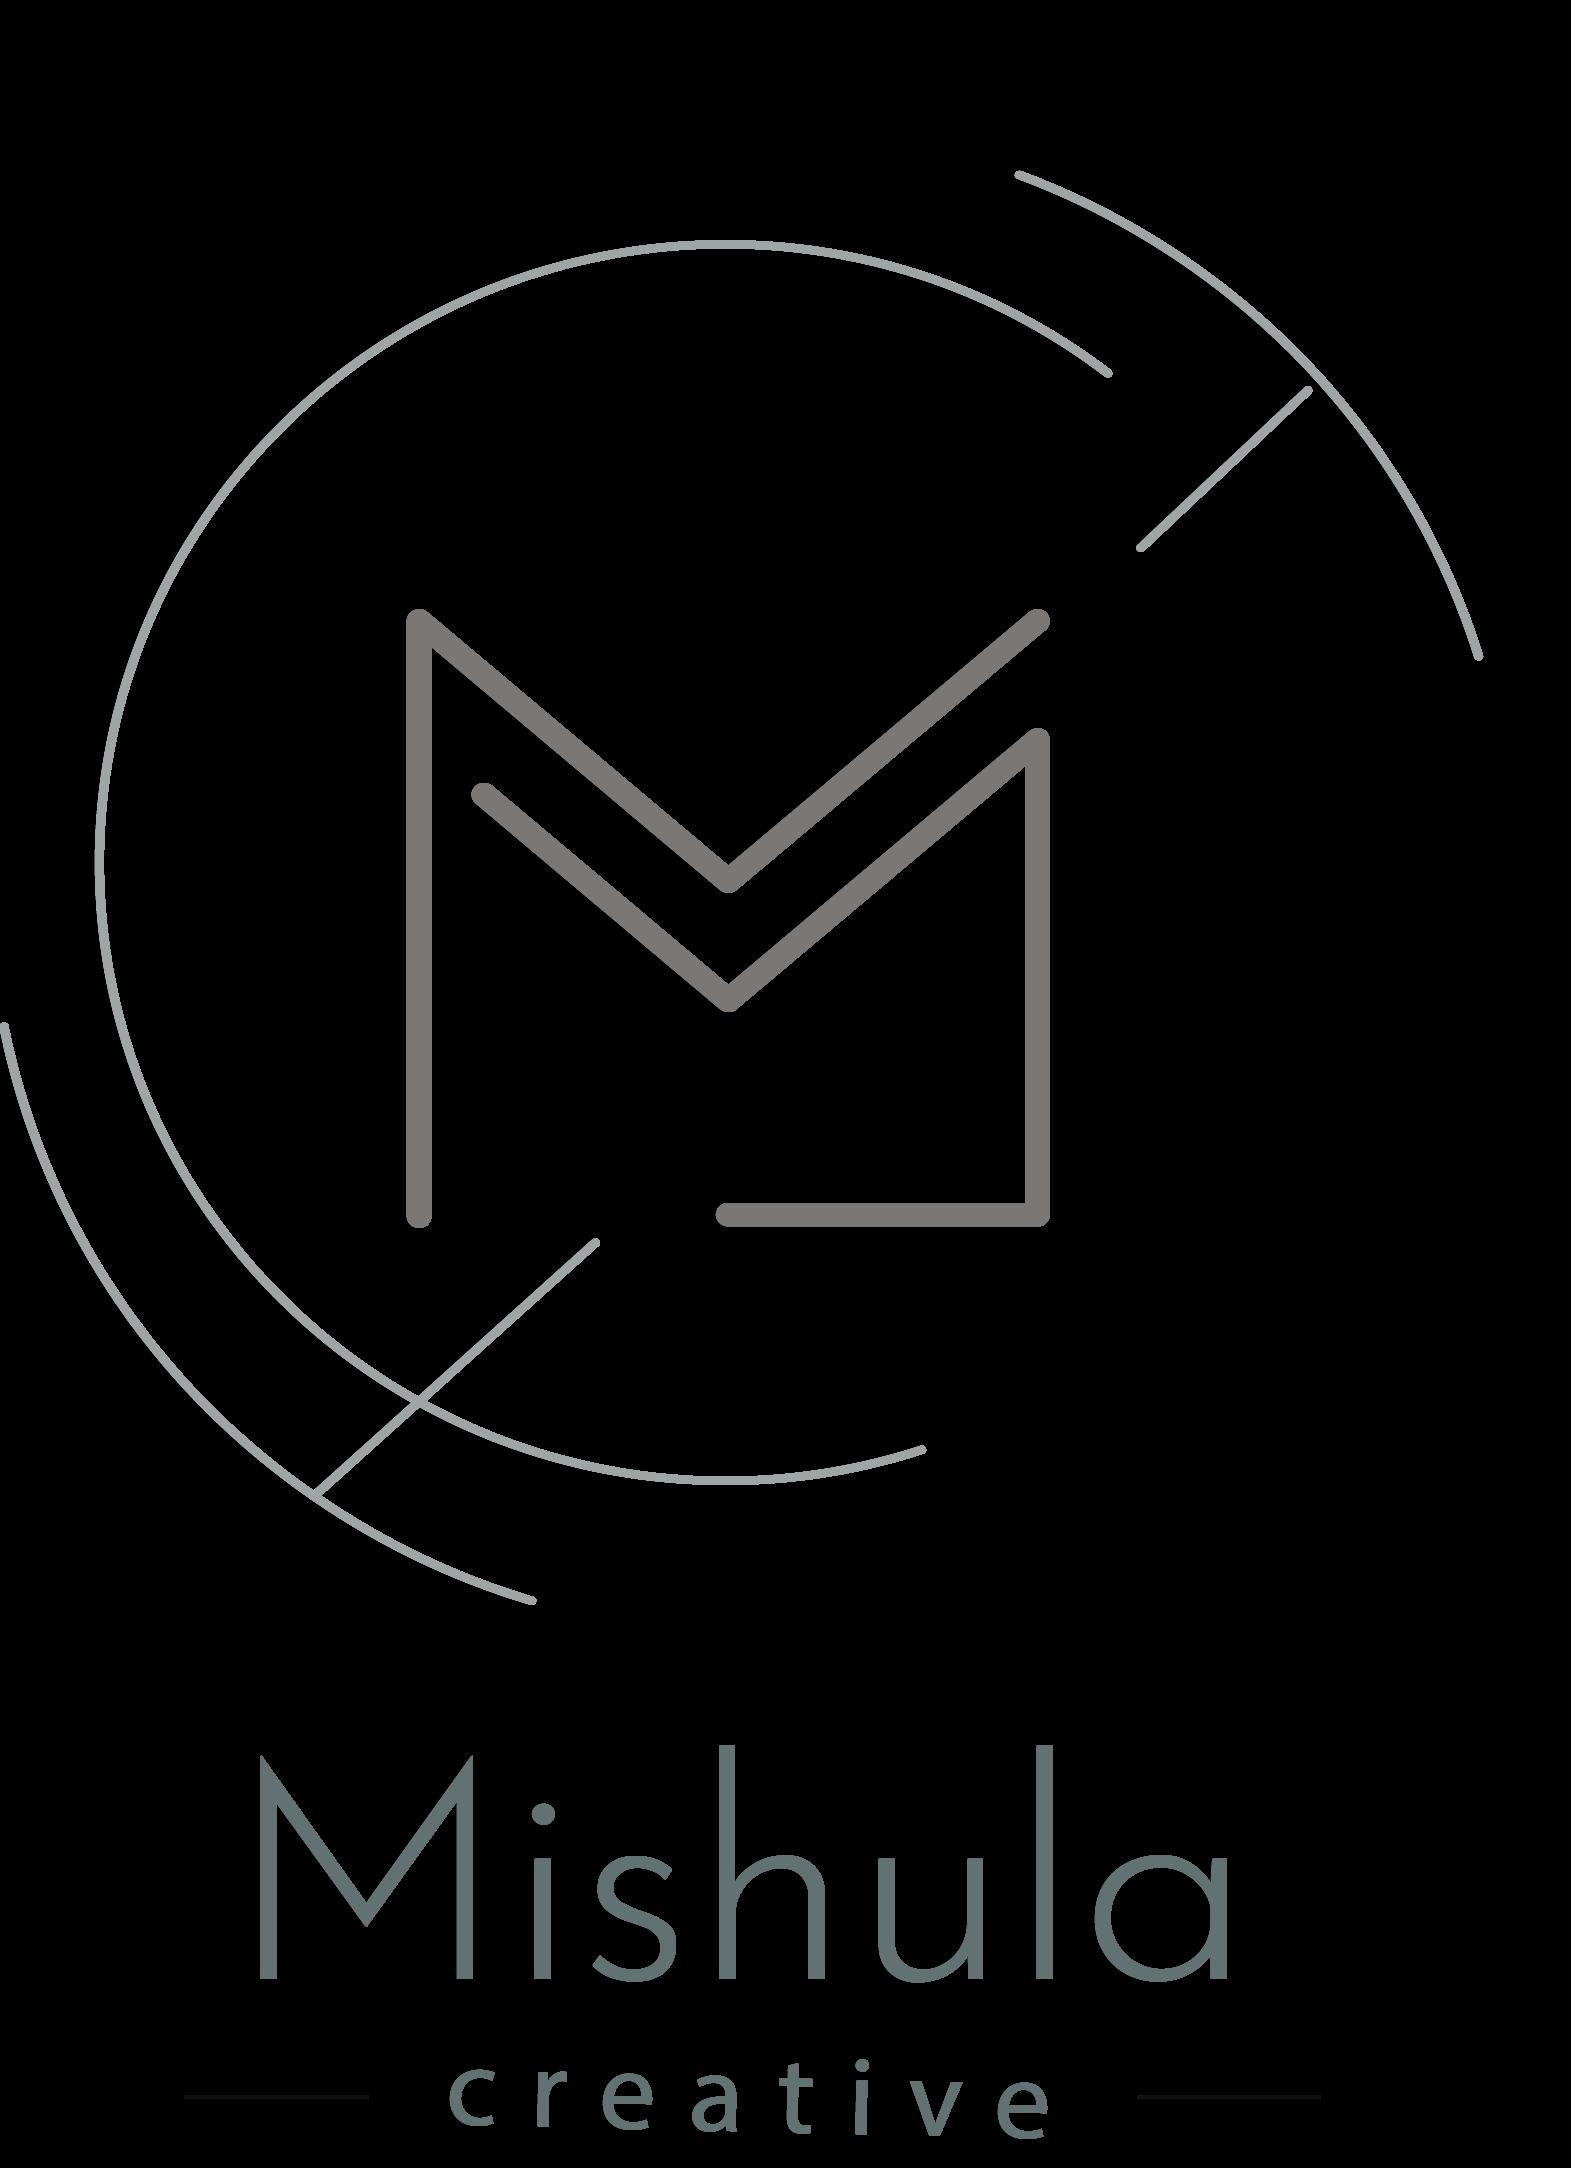 www.mishula.cz